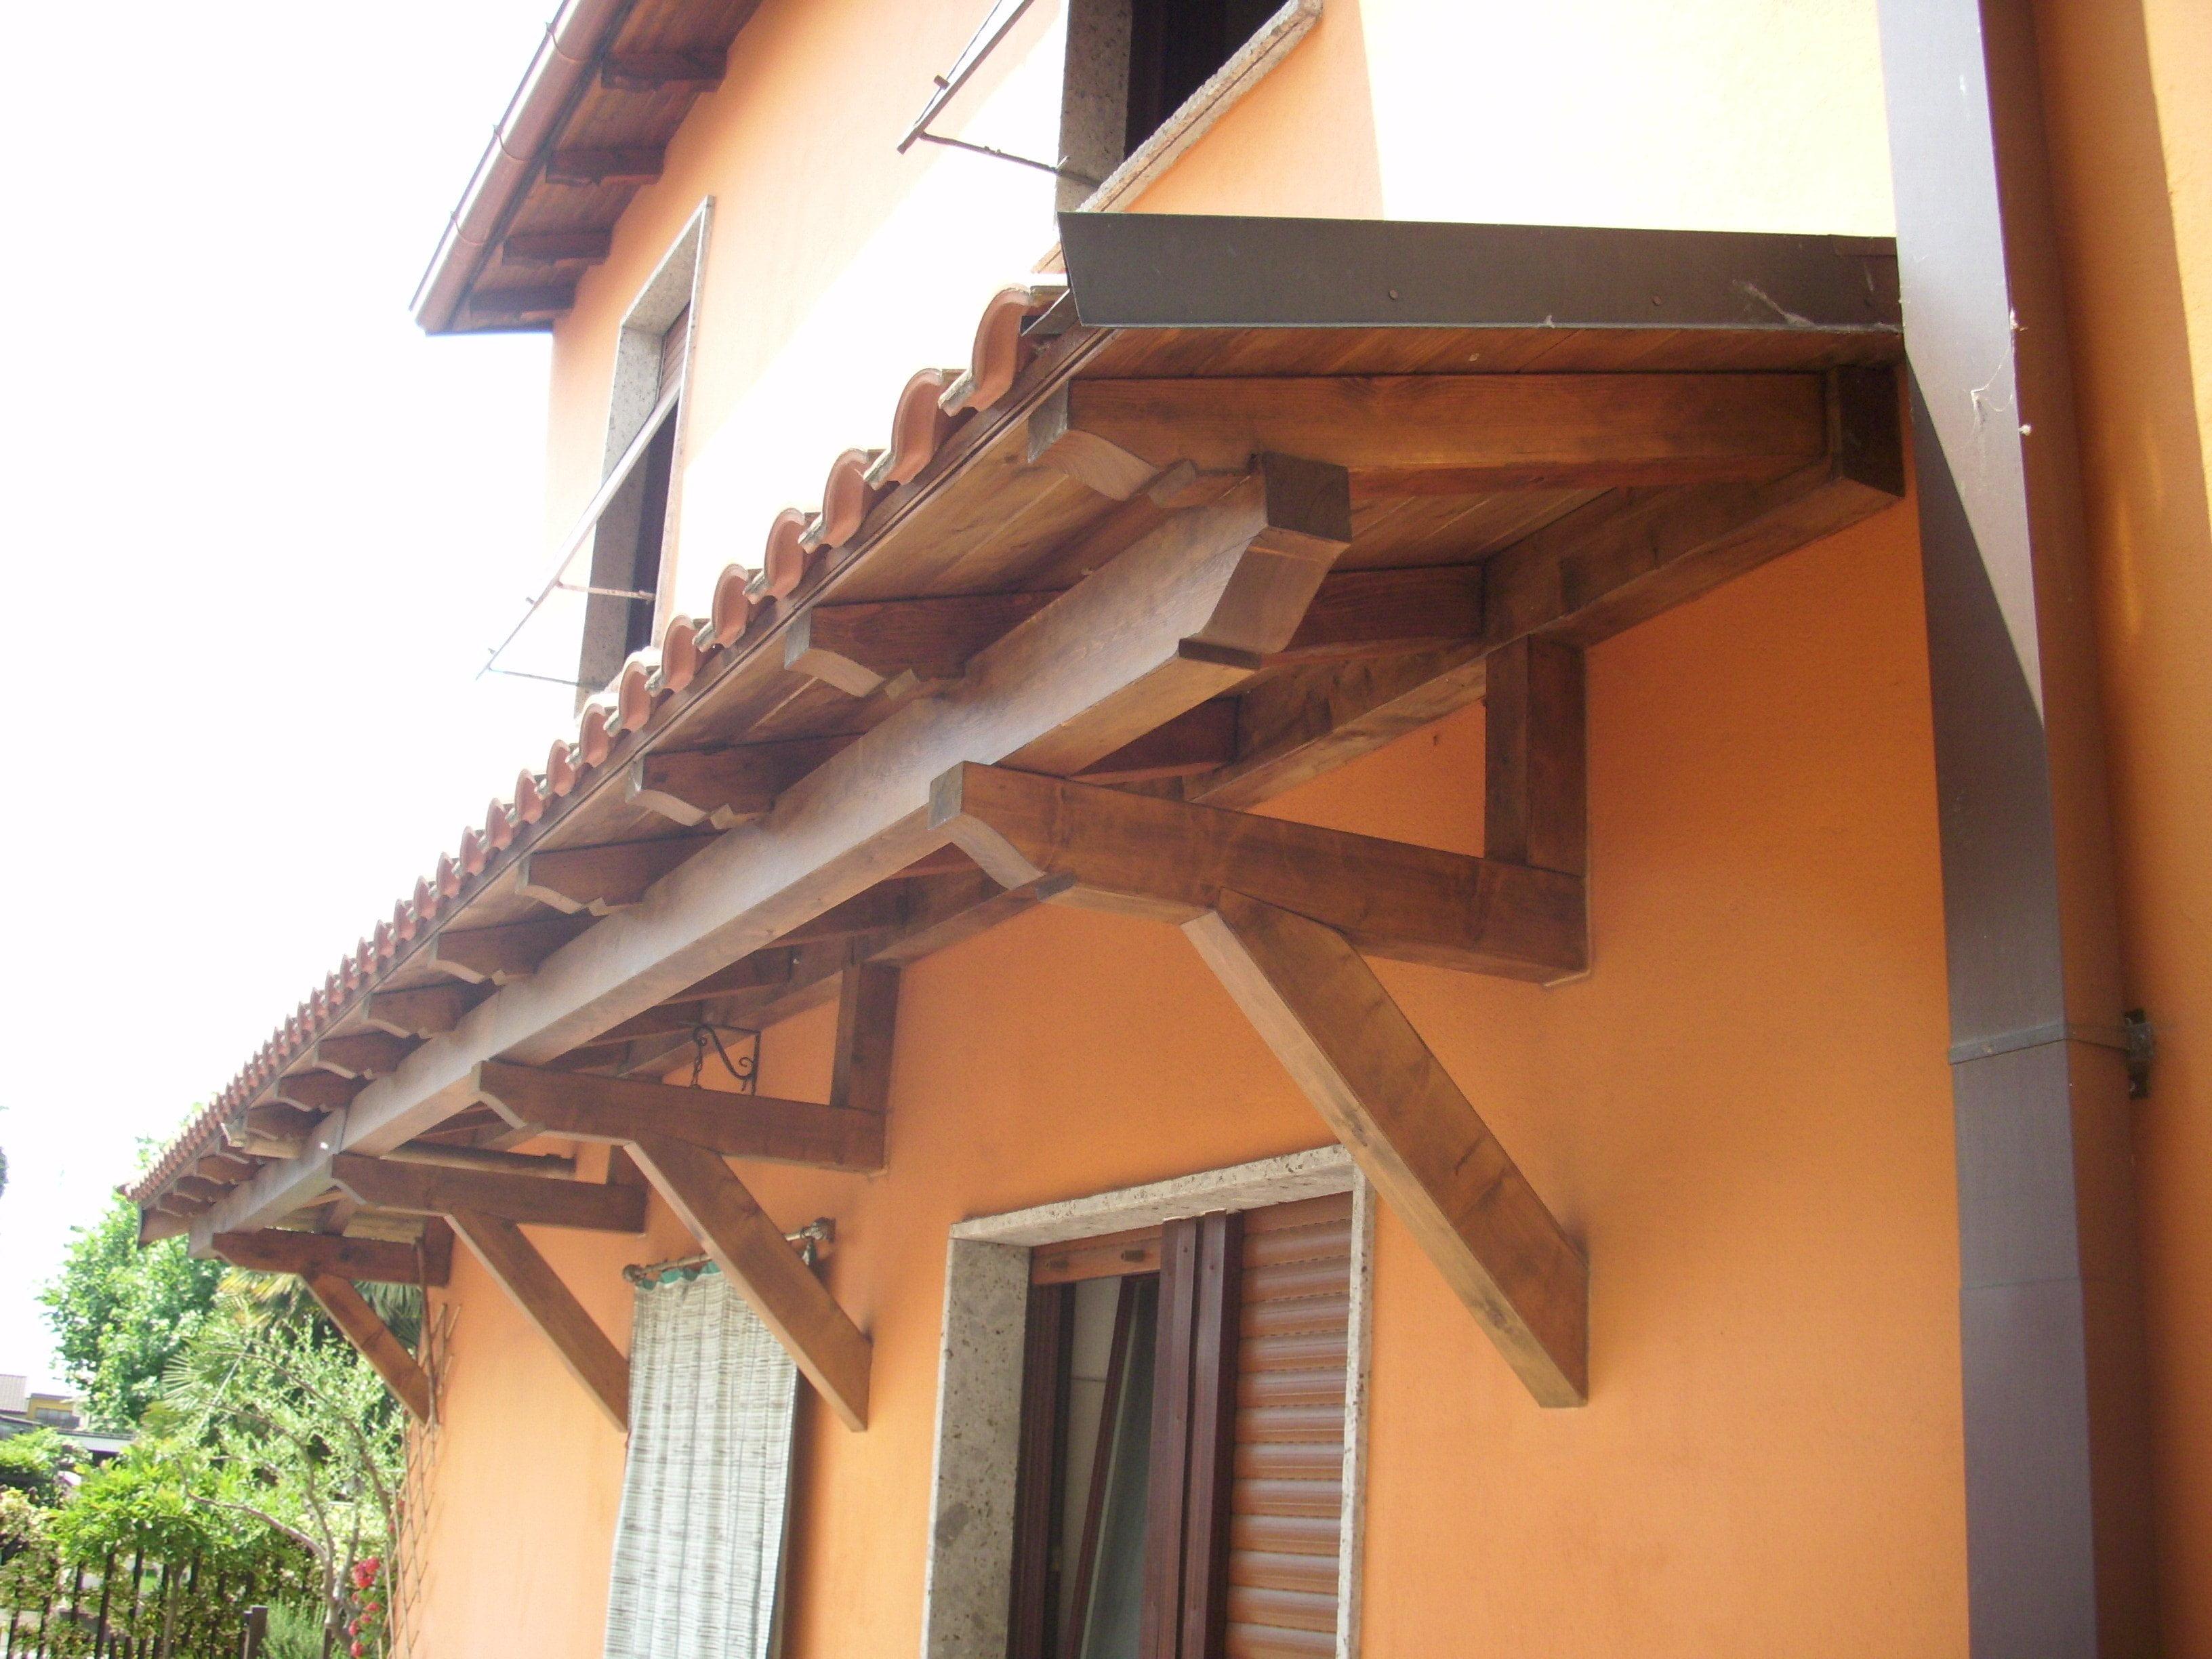 Pensilina in legno impregnato per proteggere porte - Tettoie per finestre ...